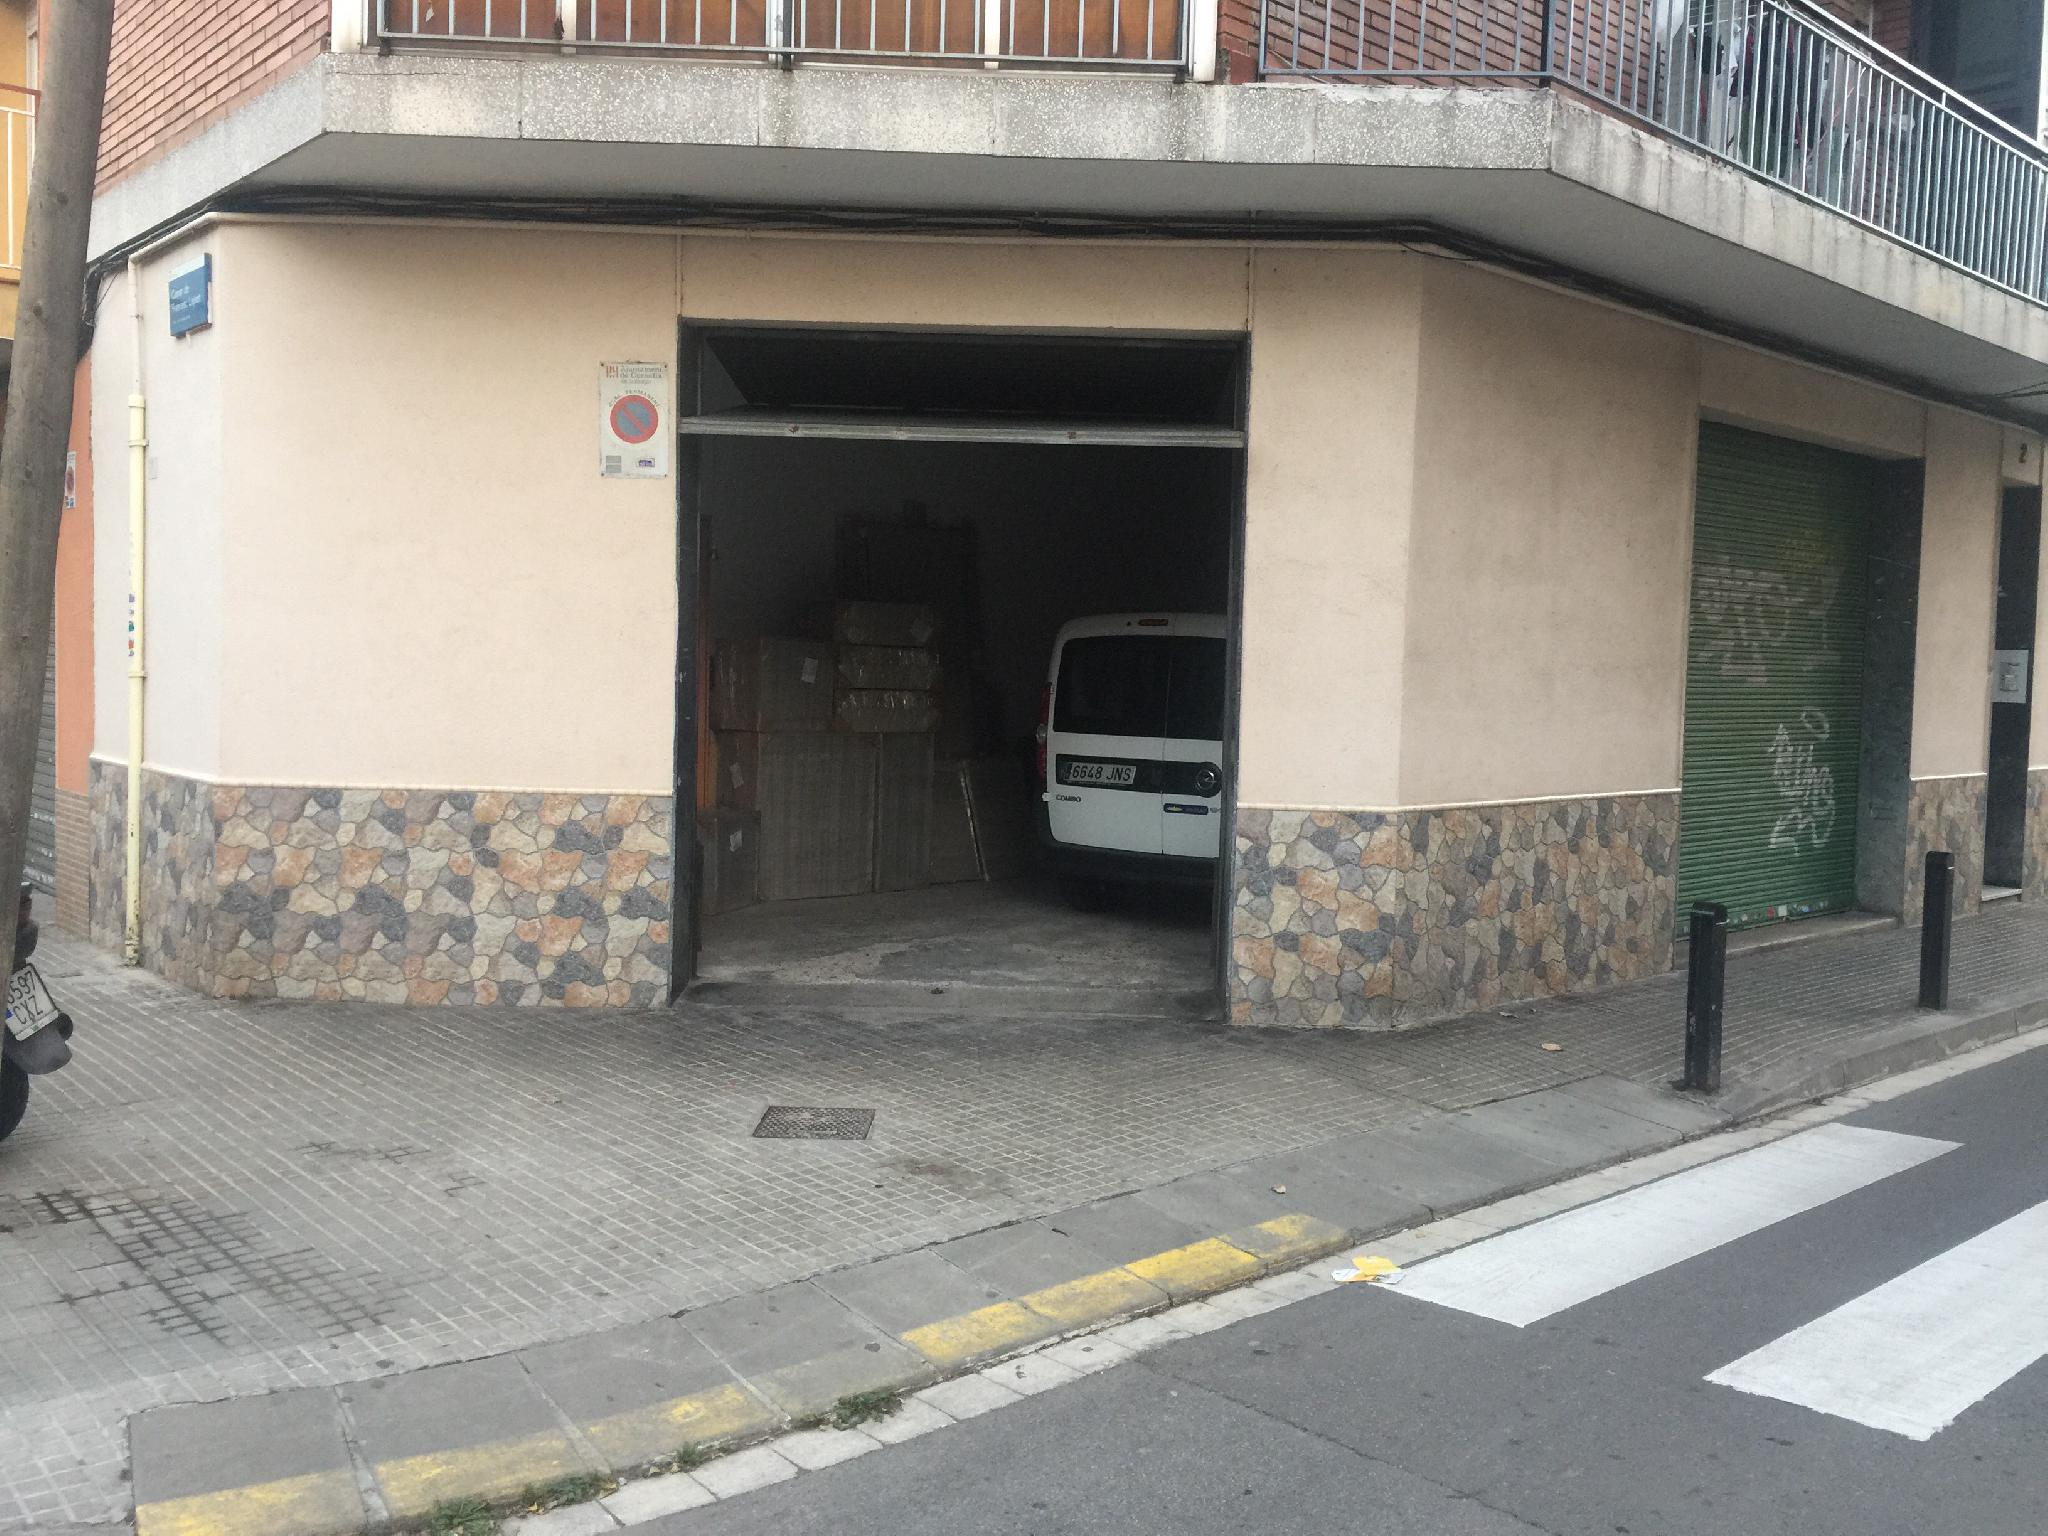 173046 - Junto Avenida Baix Llobregat